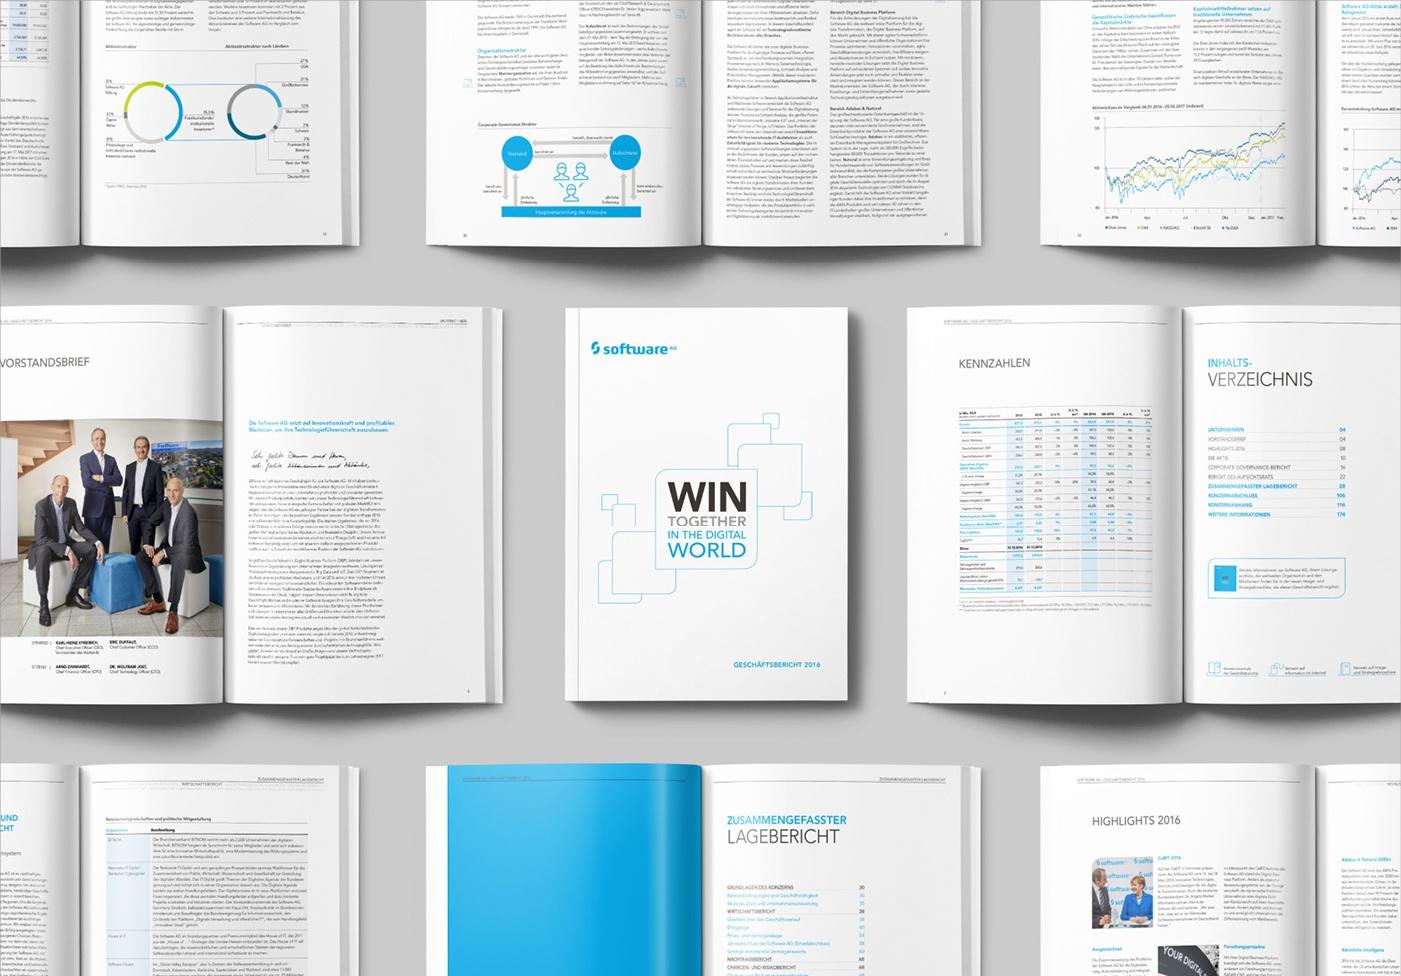 Geschäftsbericht deutsch + englisch, 180 Seiten: Grafik-Koordination & Projektmanagement: Art Direction, Konzeption, Layout, Satz, Druckausgabe